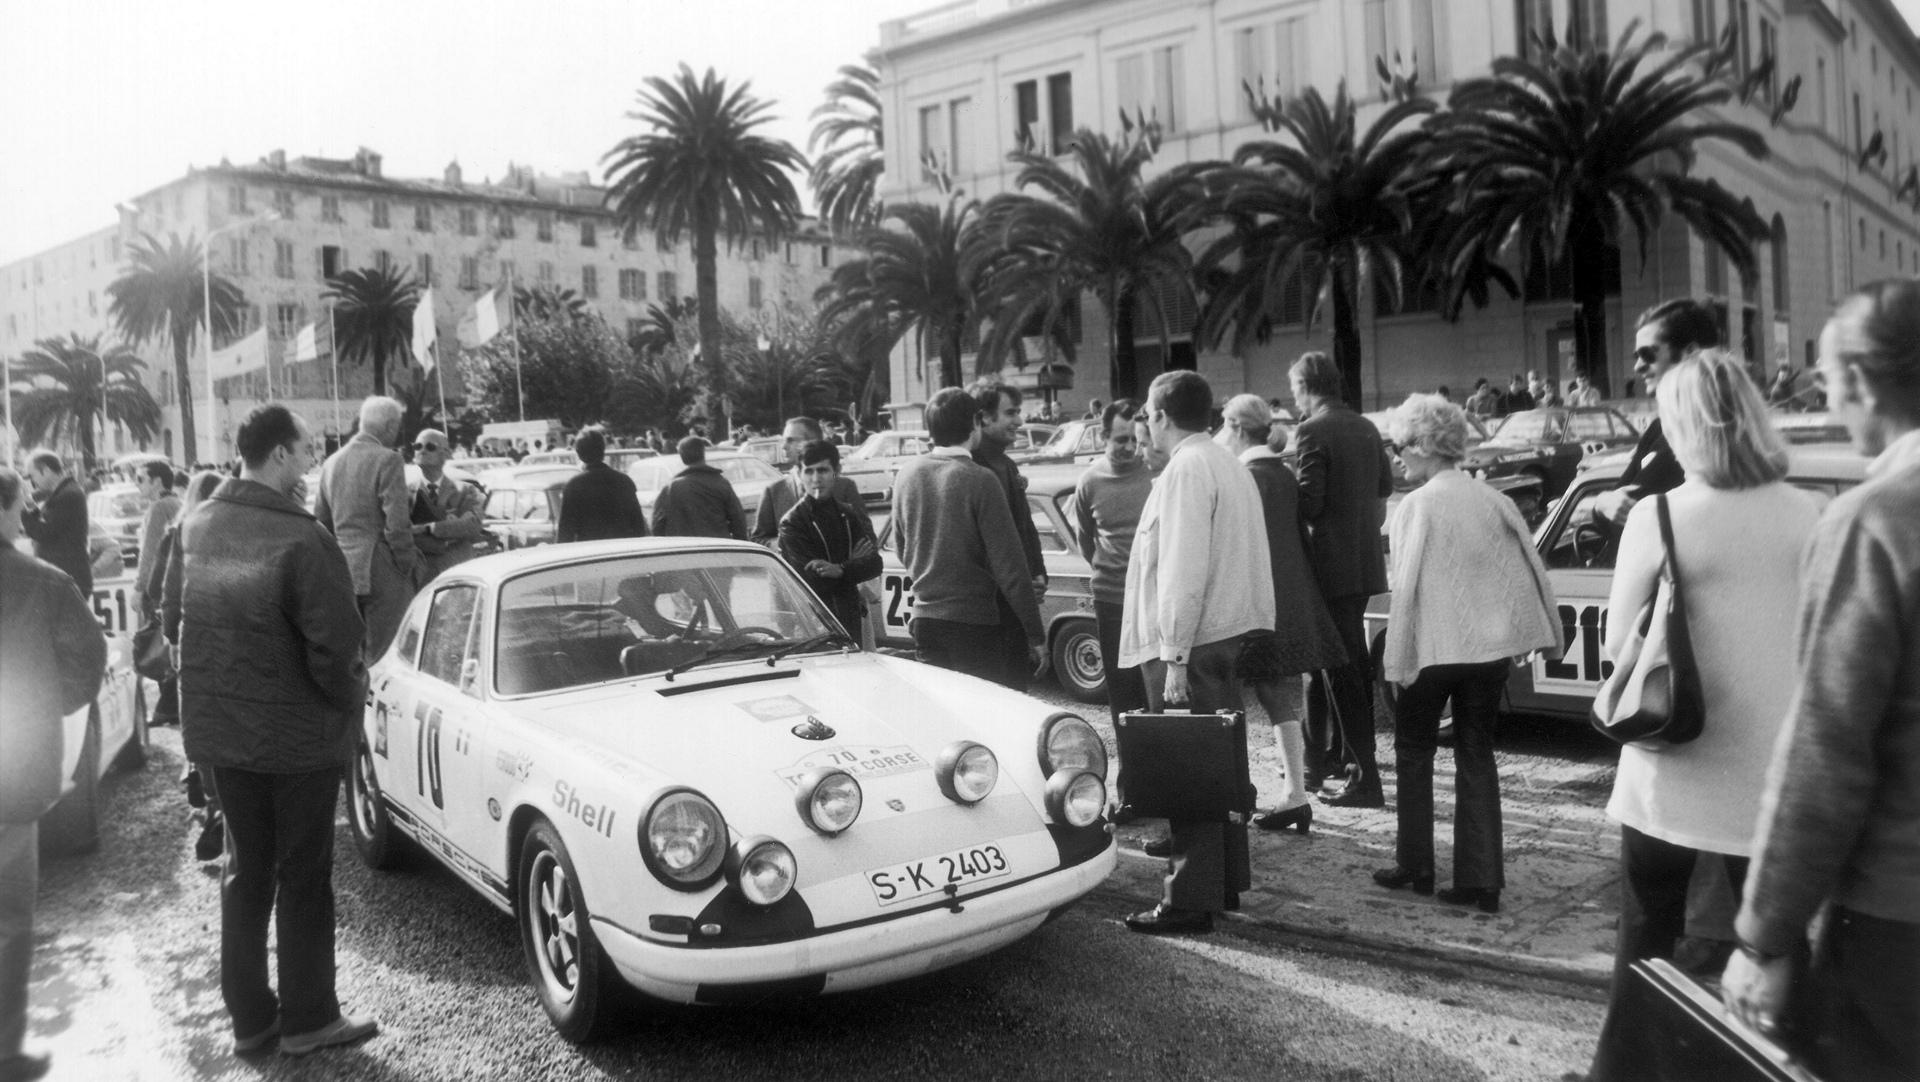 Porsche 911 R, 14th Tour de Corse, 1969 © Dr. Ing. h.c. F. Porsche AG